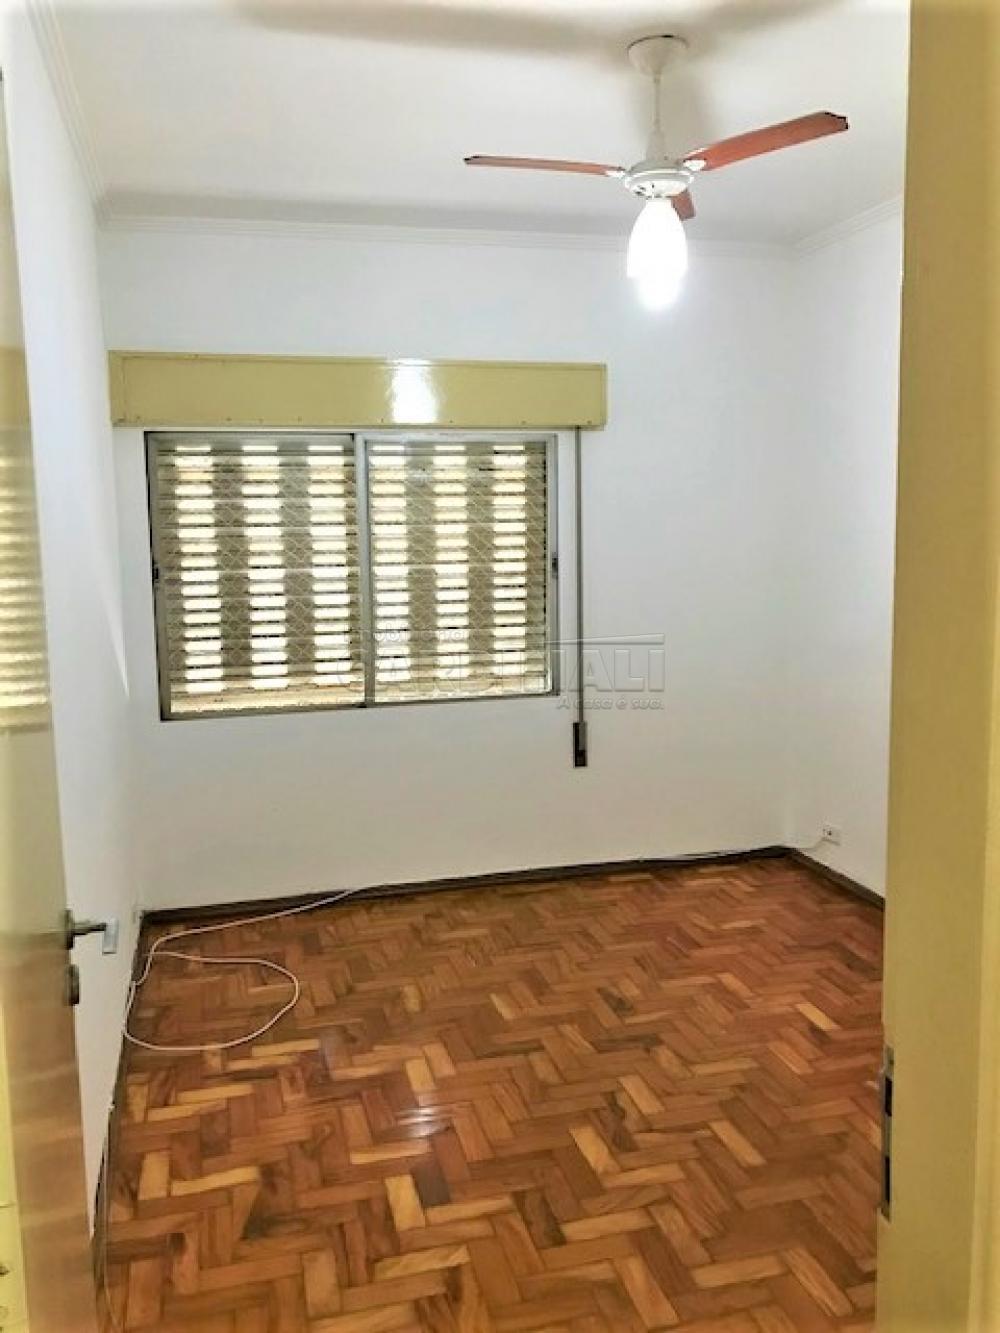 Comprar Apartamento / Padrão em São Carlos R$ 370.000,00 - Foto 29